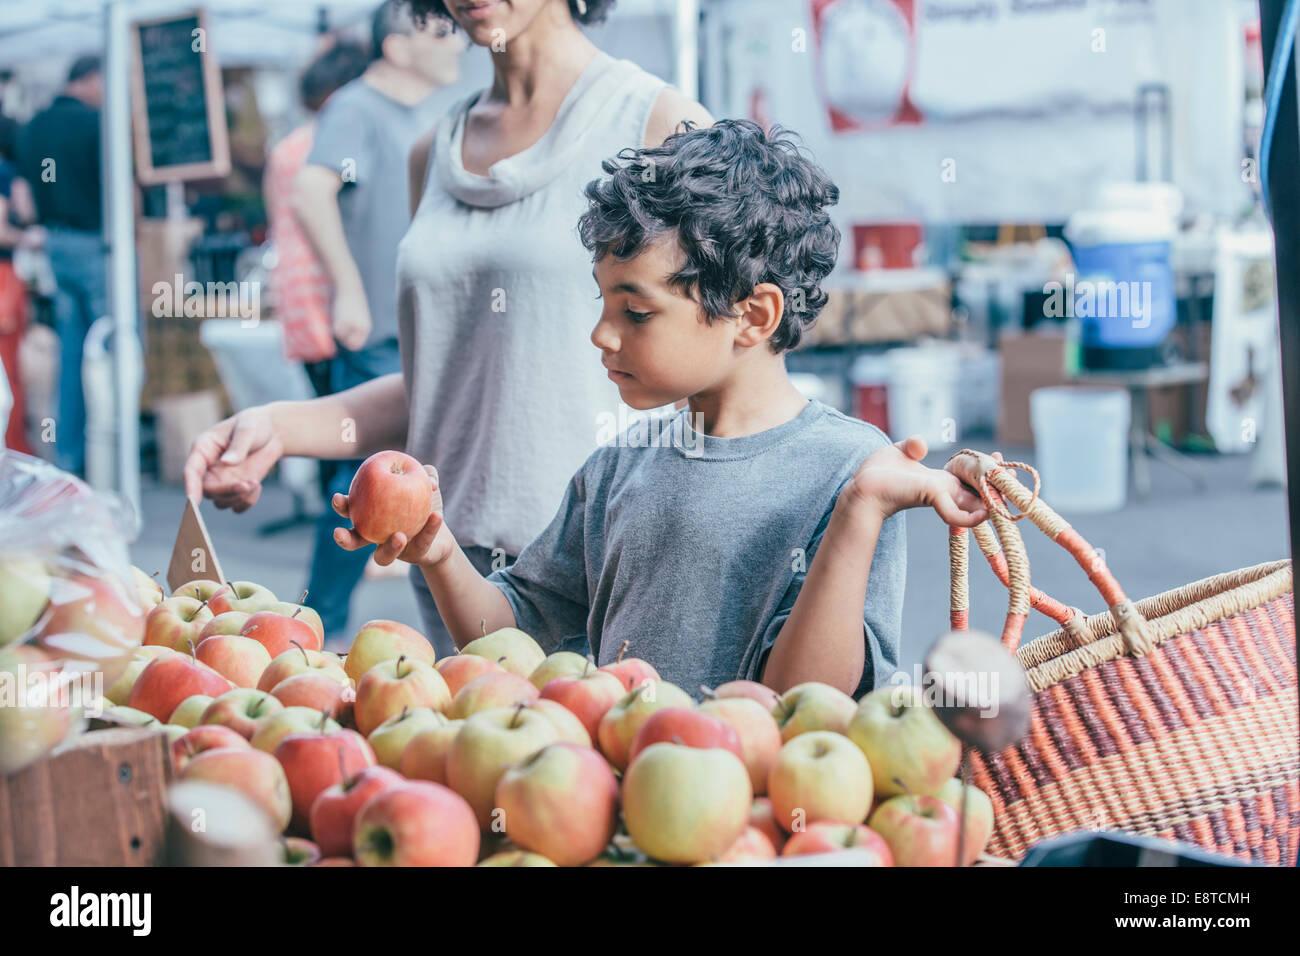 Gemischte Rassen junge mit Mutter am Bauernmarkt einkaufen Stockfoto